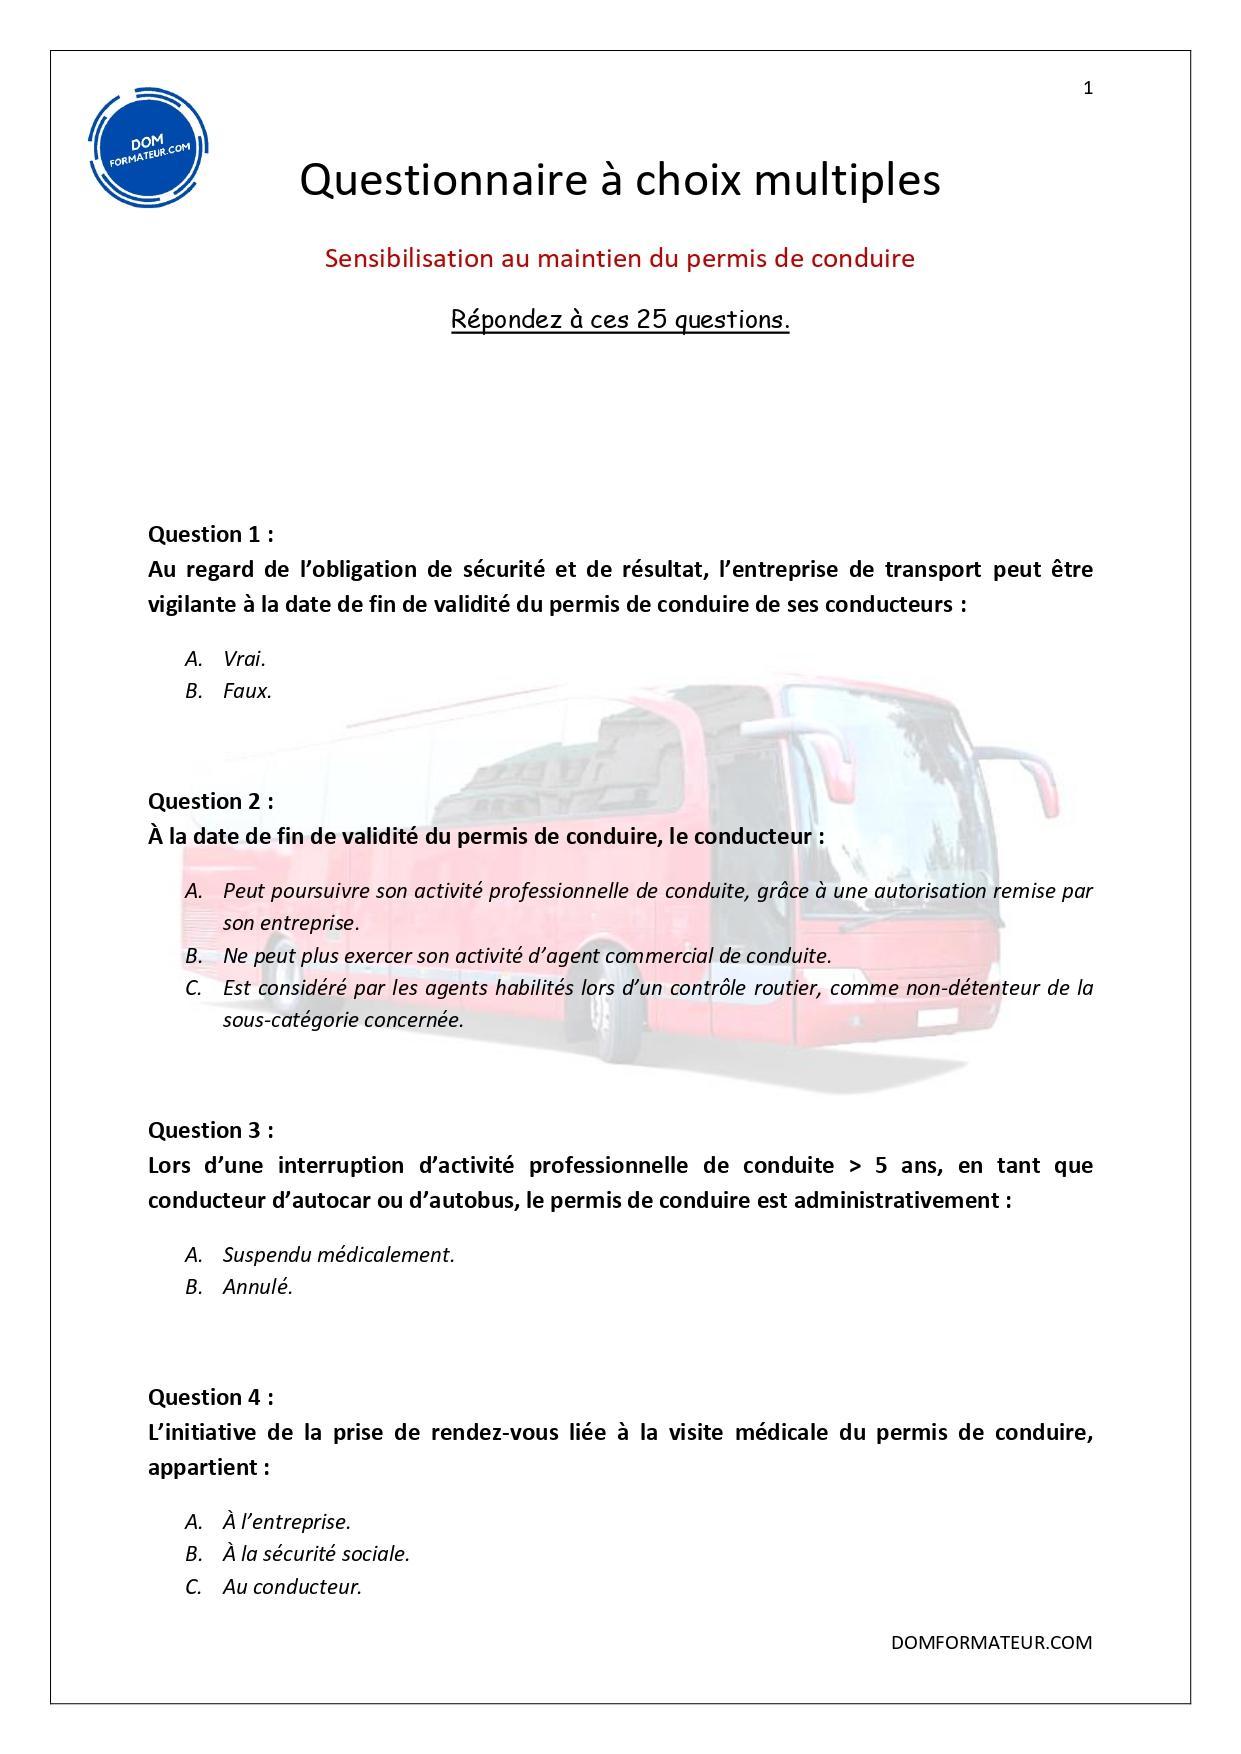 Sensibilisation au maintien du permis de conduire copie page 2